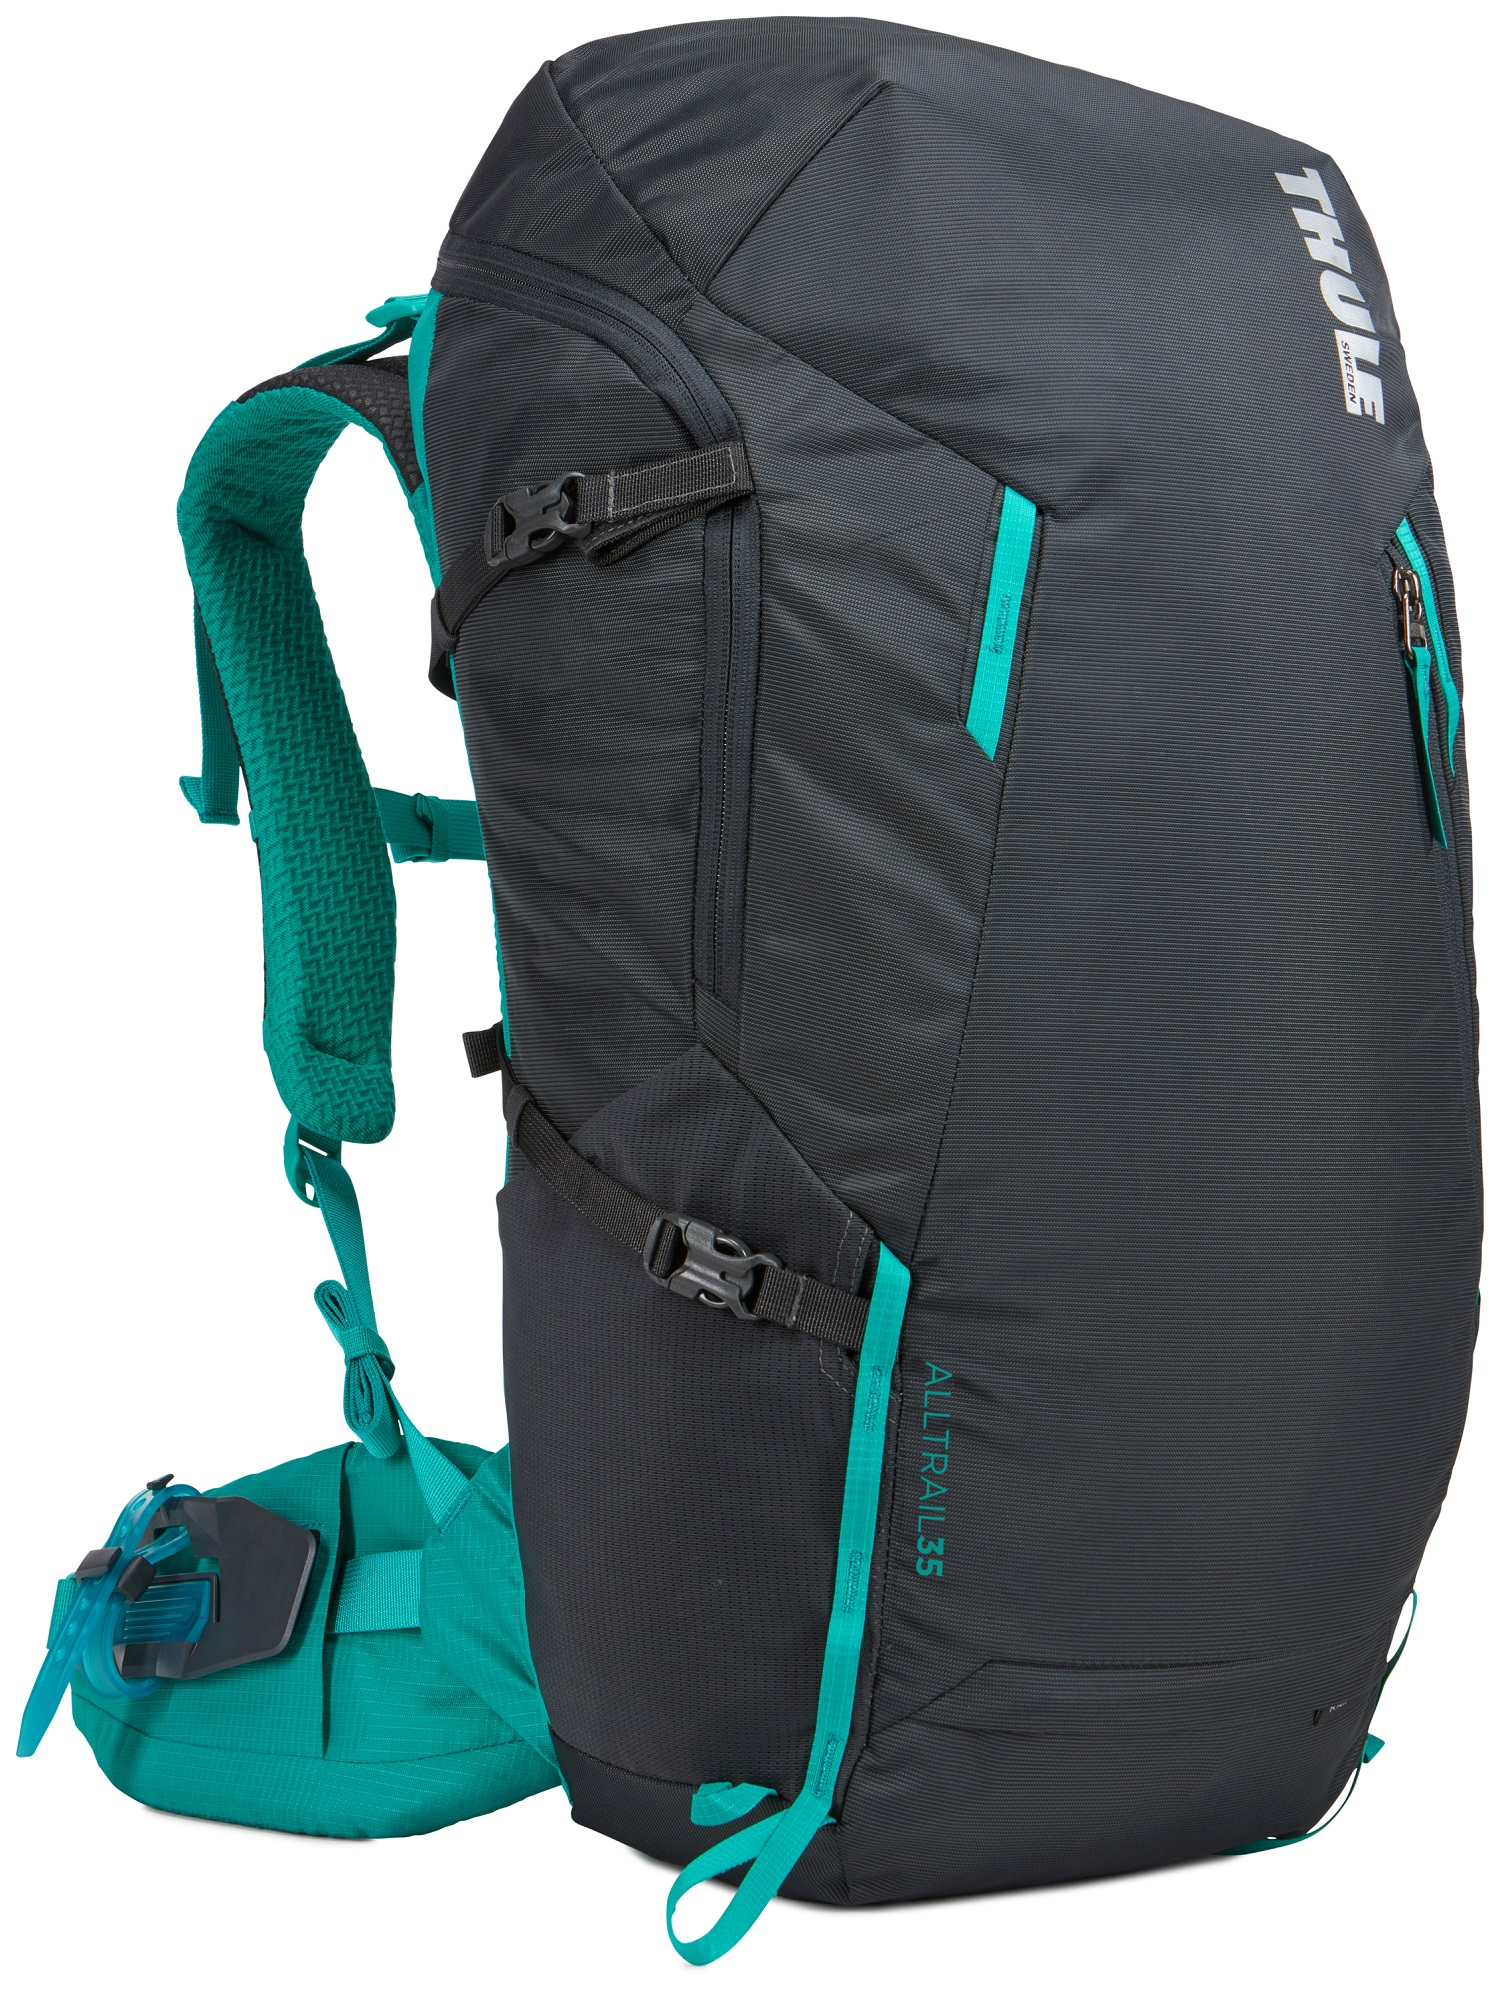 Thule AllTrail Hiking Backpack - Womens w  Free Shipping — 4 models 666c8efbb0